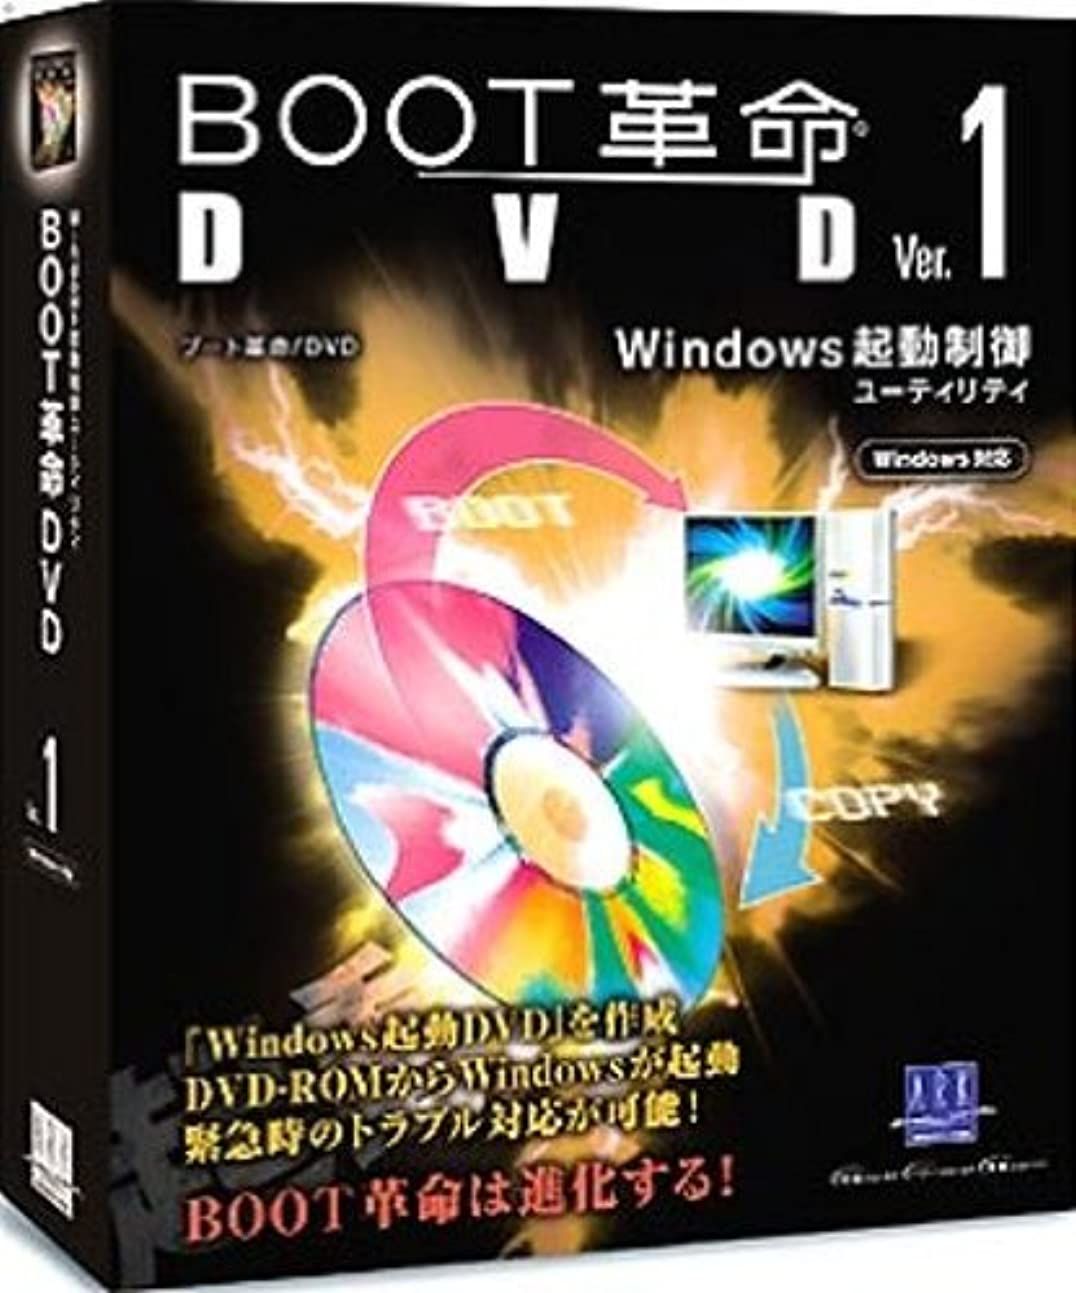 不運元の勝利BOOT革命/DVD Ver.1 ライセンスパック10ユーザー